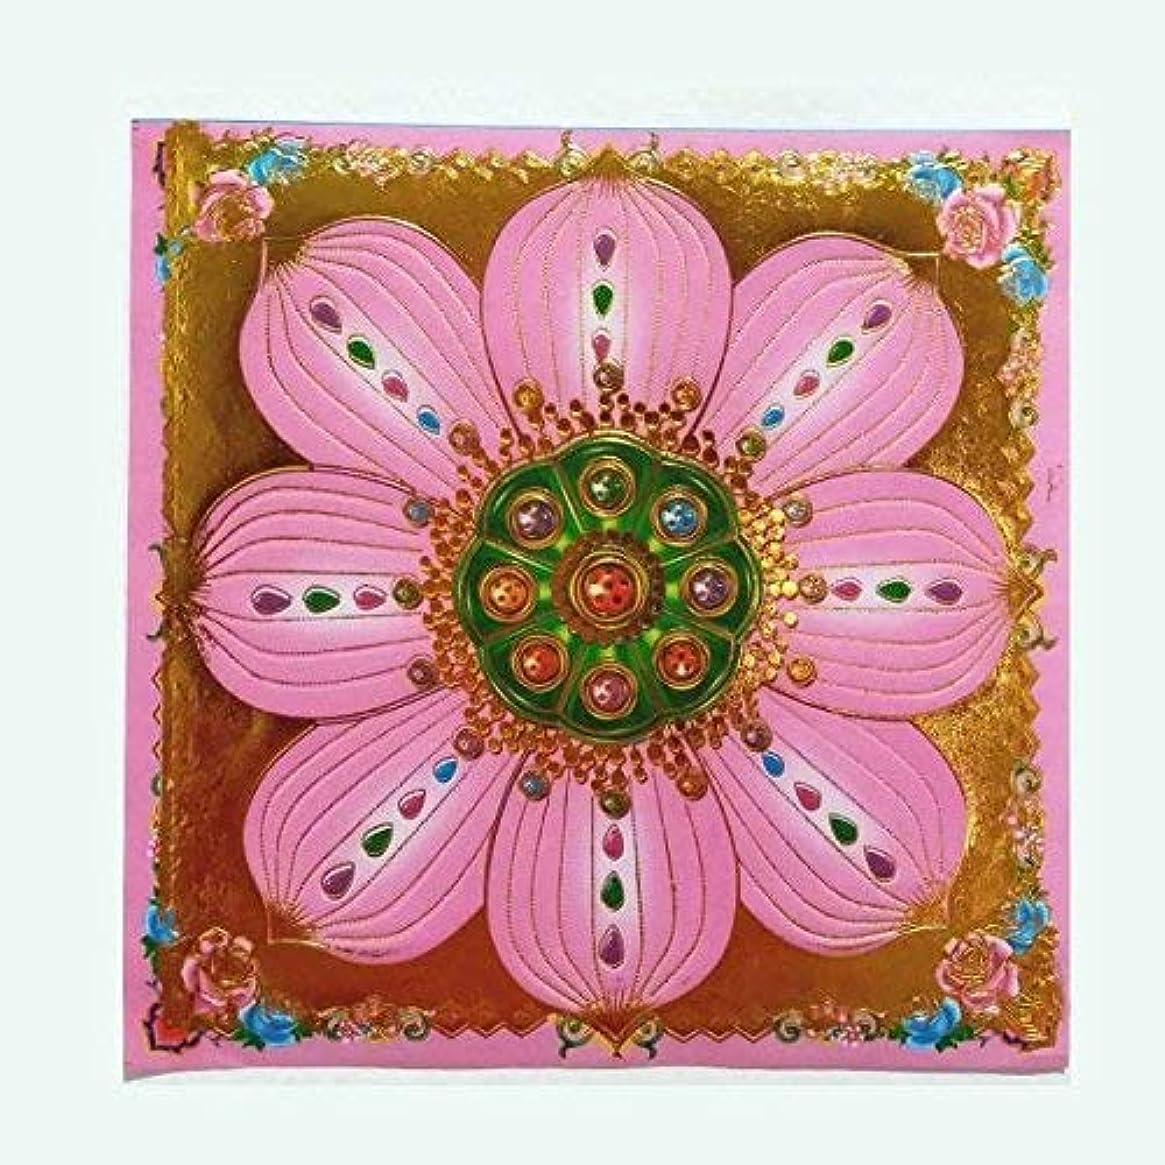 まともなセンブランスコロニー40pcs Incense用紙/ Joss用紙ハイグレードカラフルwithゴールドの箔Sサイズの祖先Praying 7.5インチx 7.5インチ(ピンク)